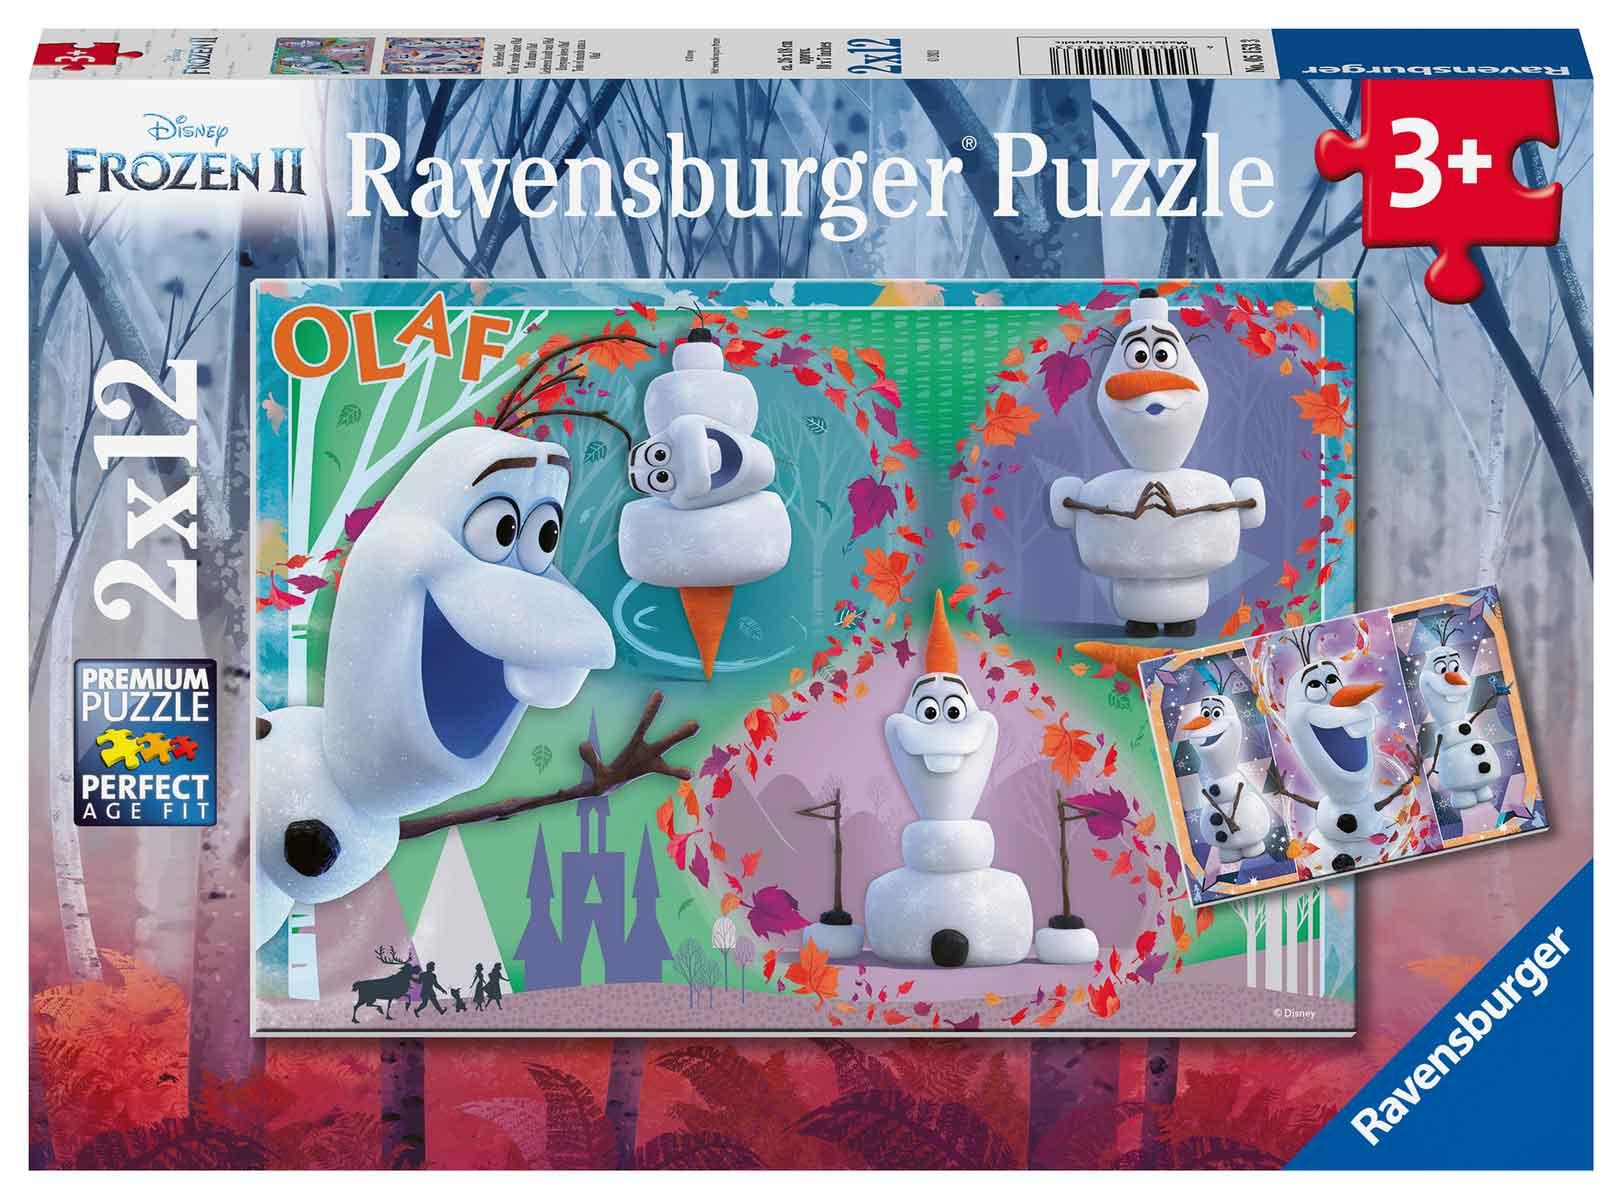 Puzzle Ravensburger Frozen Olaf de 2x12 Piezas